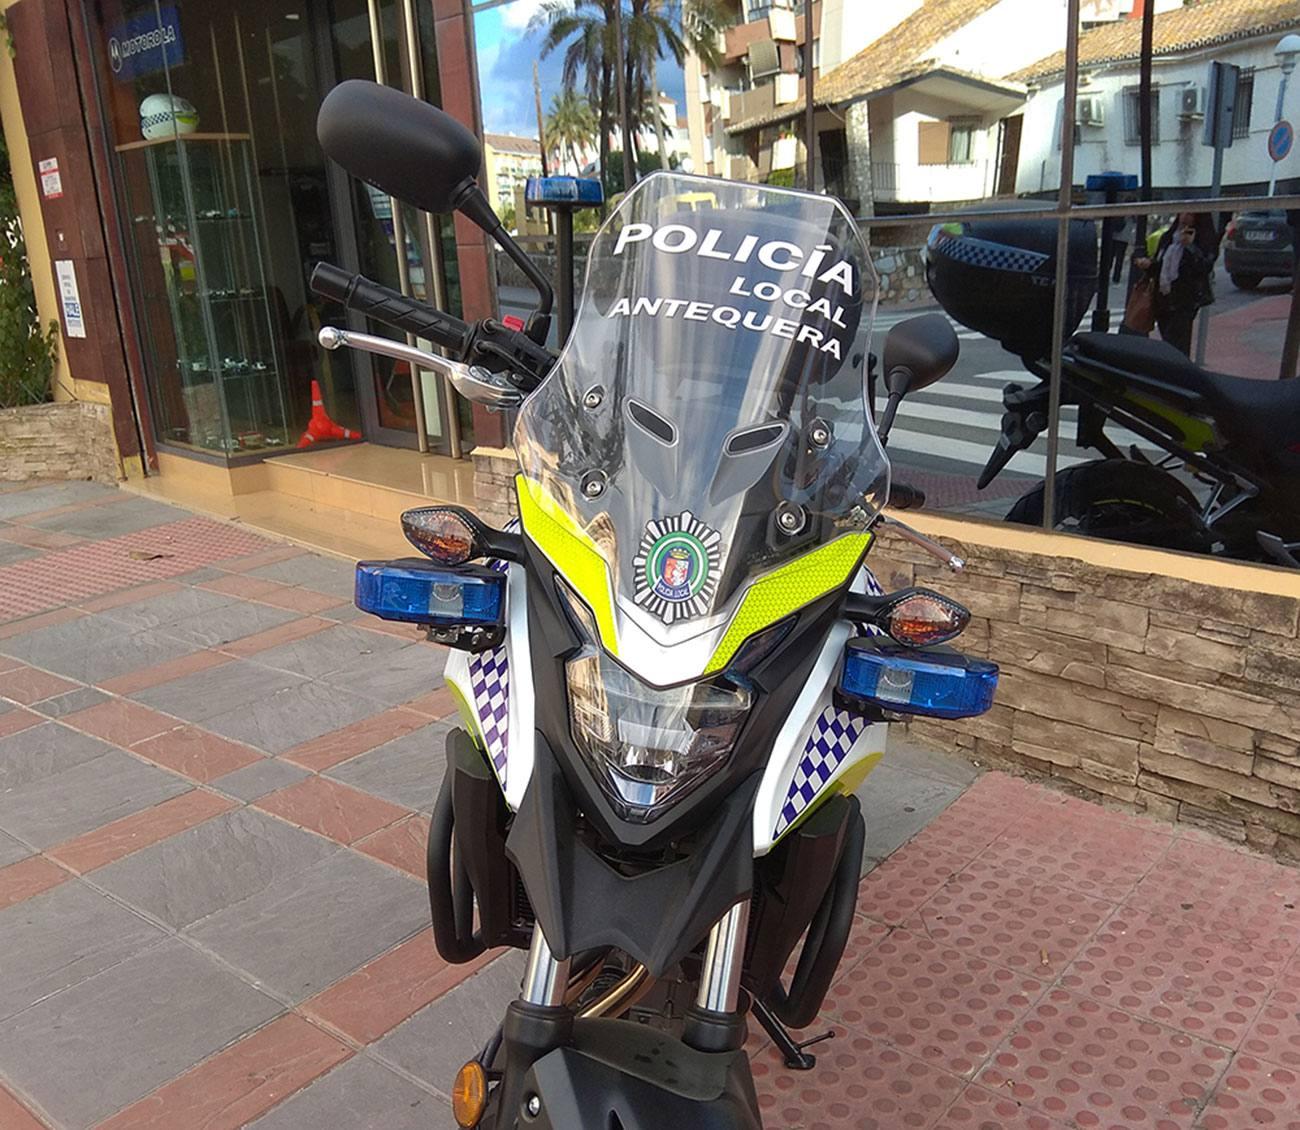 Policía Local Antequera